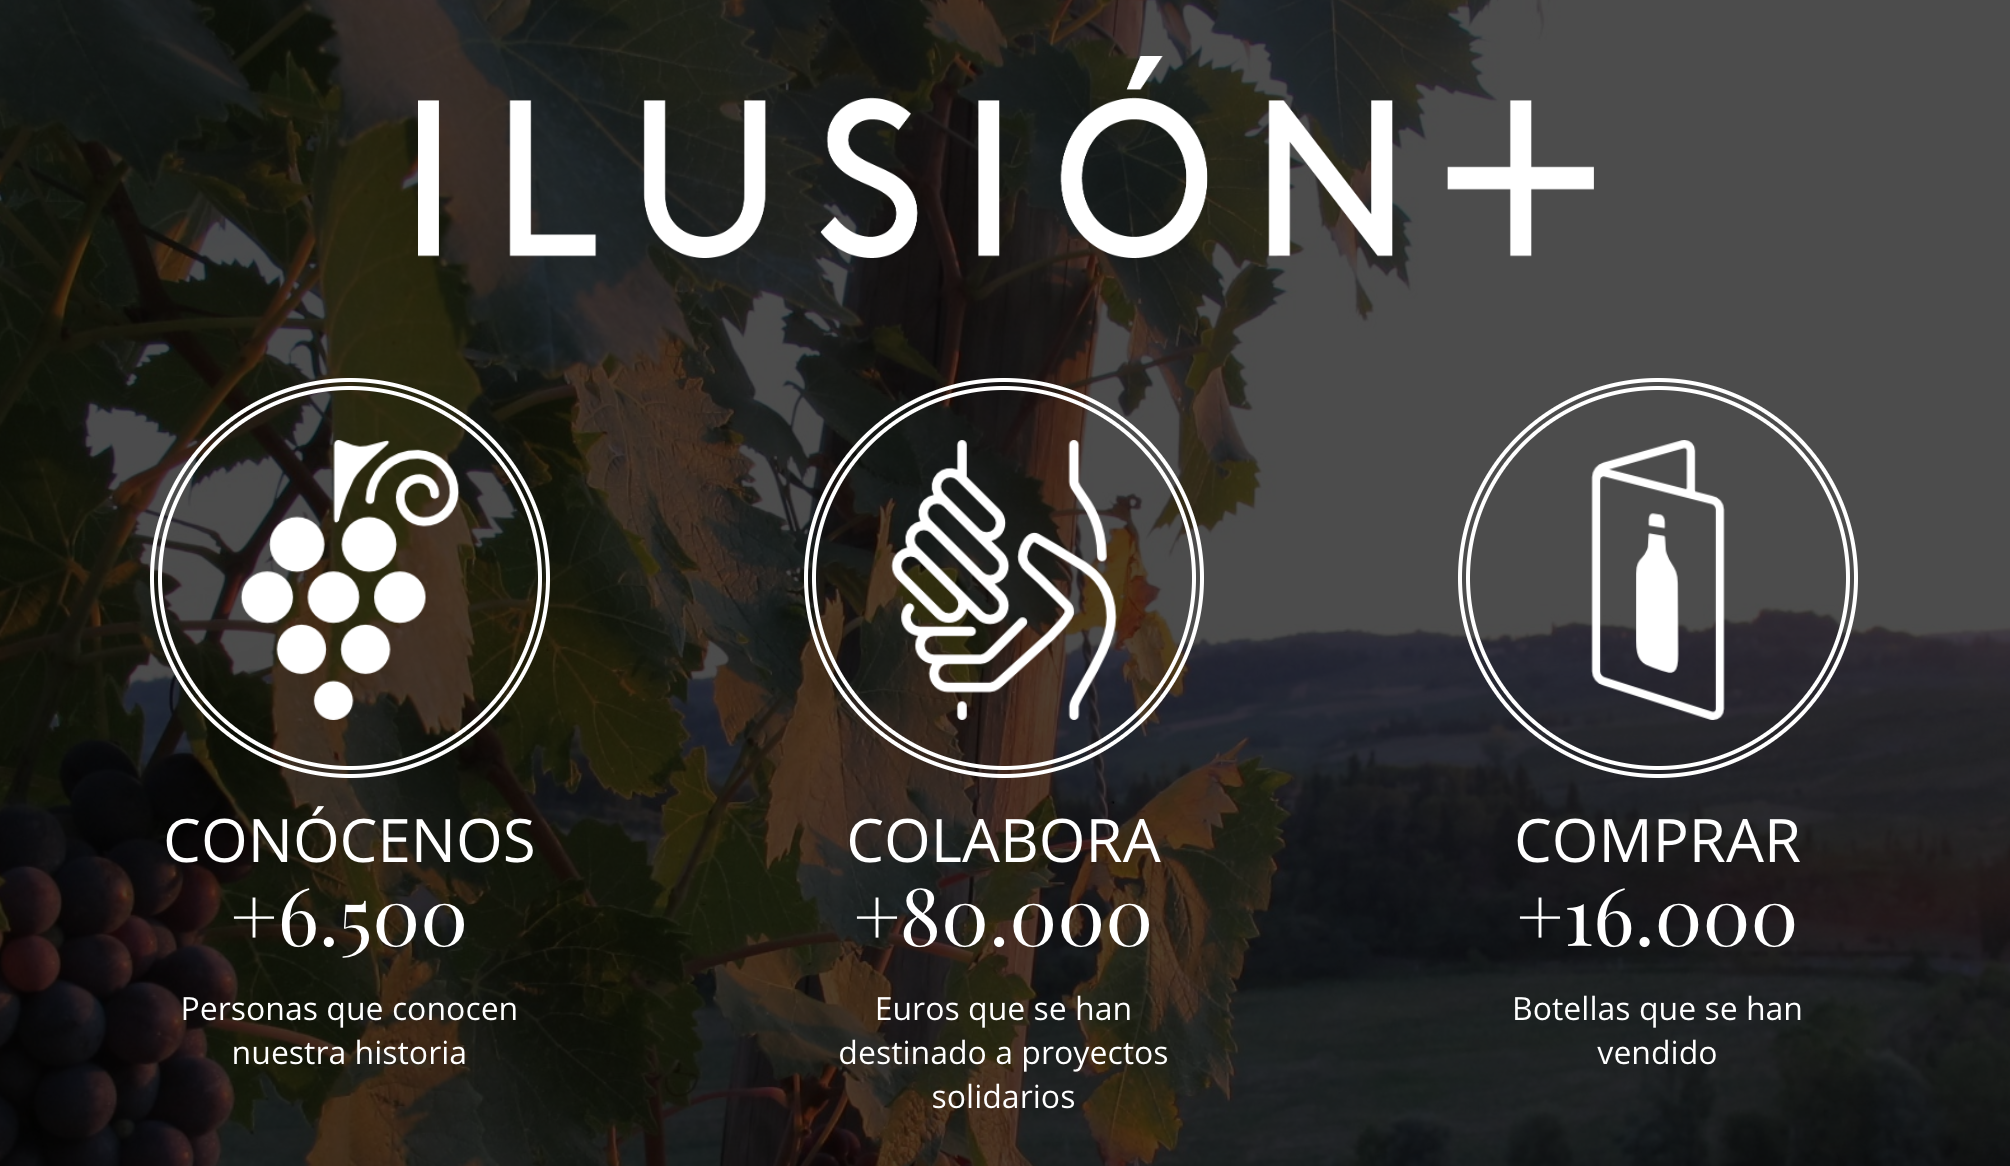 09-ILUSION+